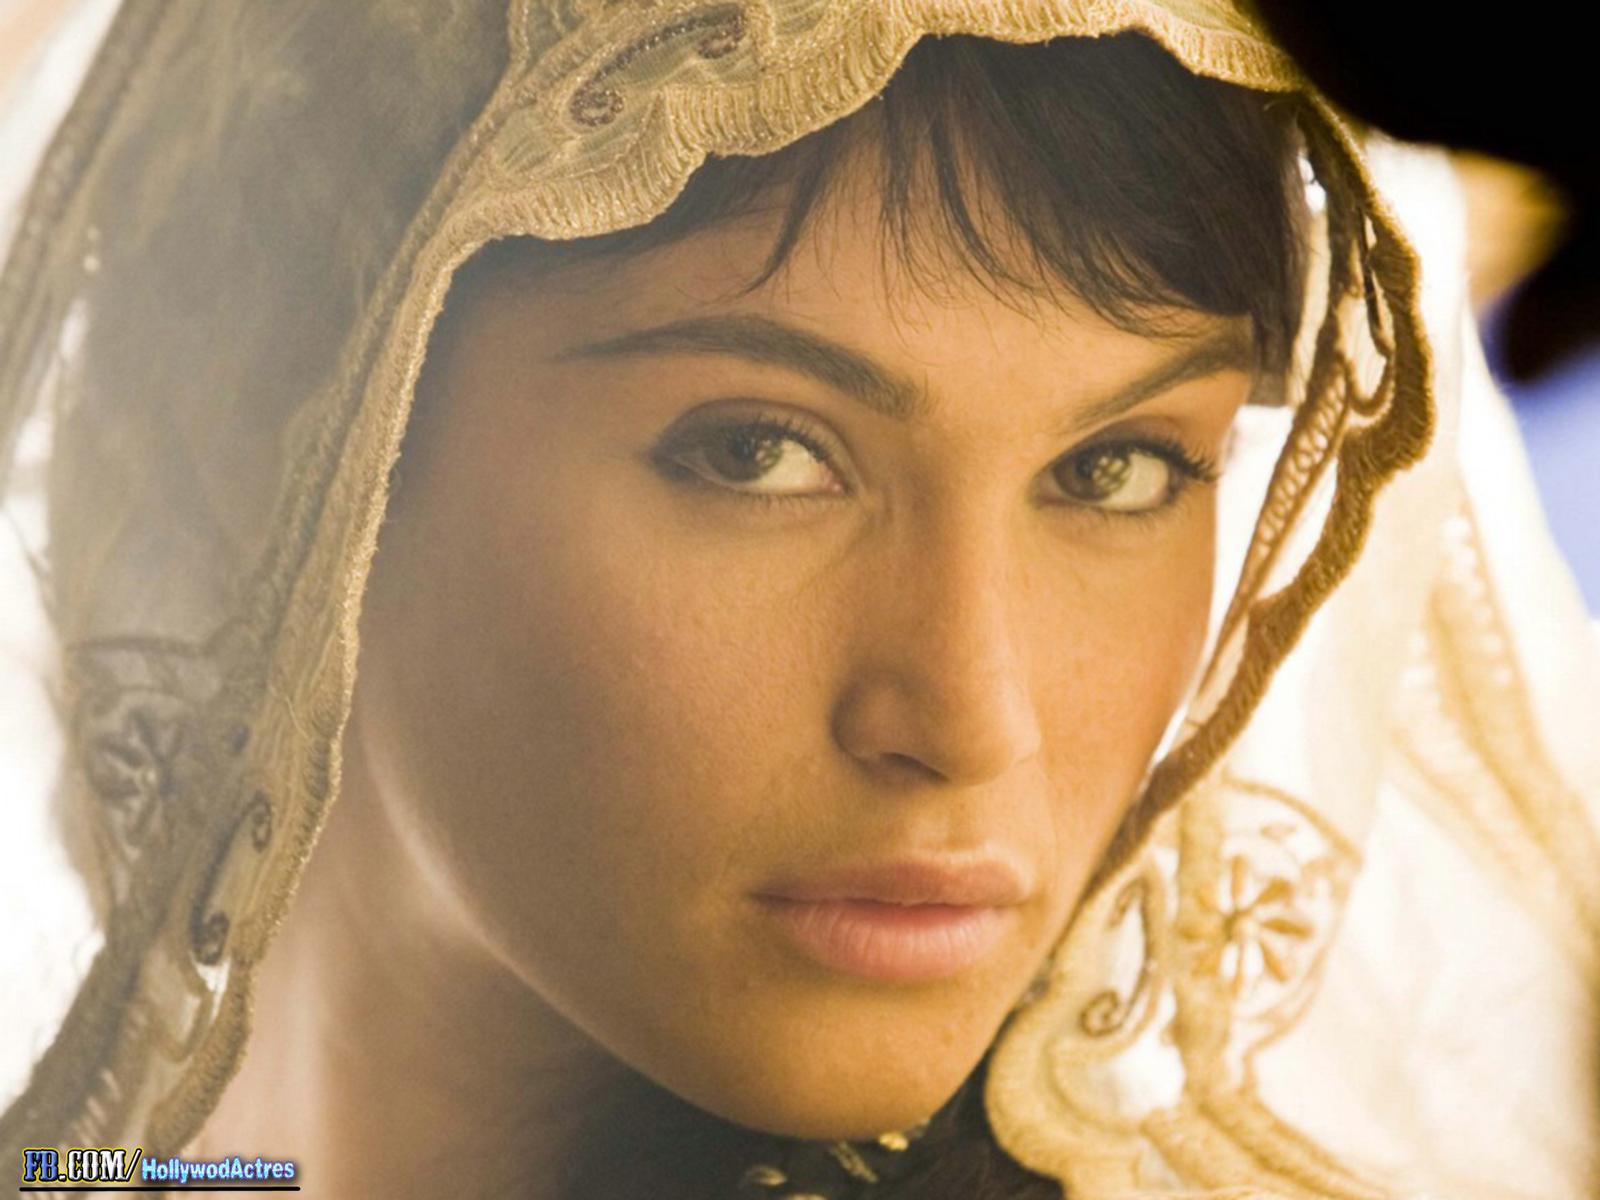 http://4.bp.blogspot.com/-CwTmS93MYio/USPK4UEHdpI/AAAAAAAANPk/M70D--j0uxg/s1600/Gemma+Arterton+16.jpg